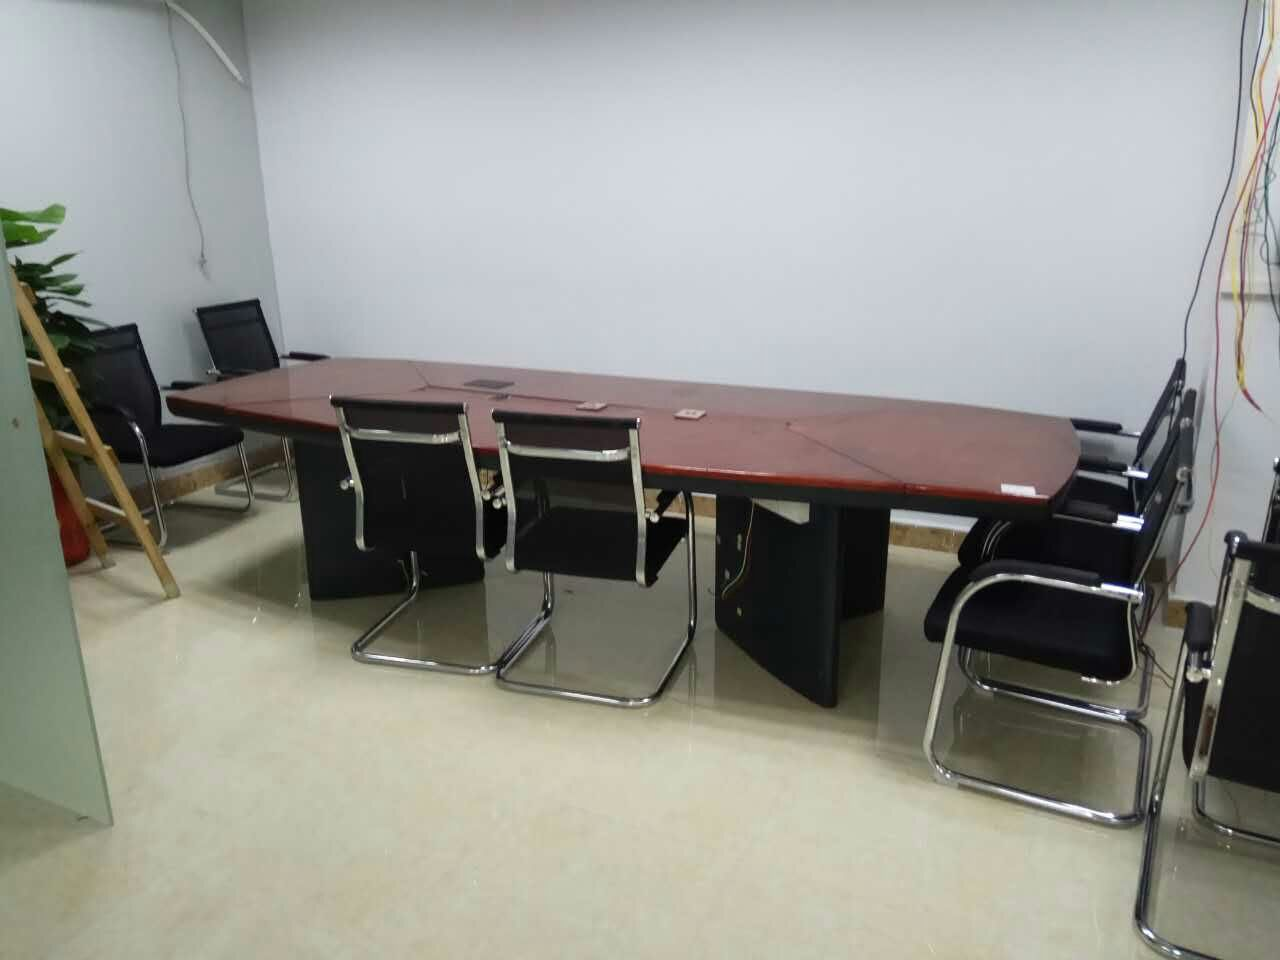 合步二手办公桌、二手沙发、二手会议桌、大班台销售安装服务案例——孙小姐